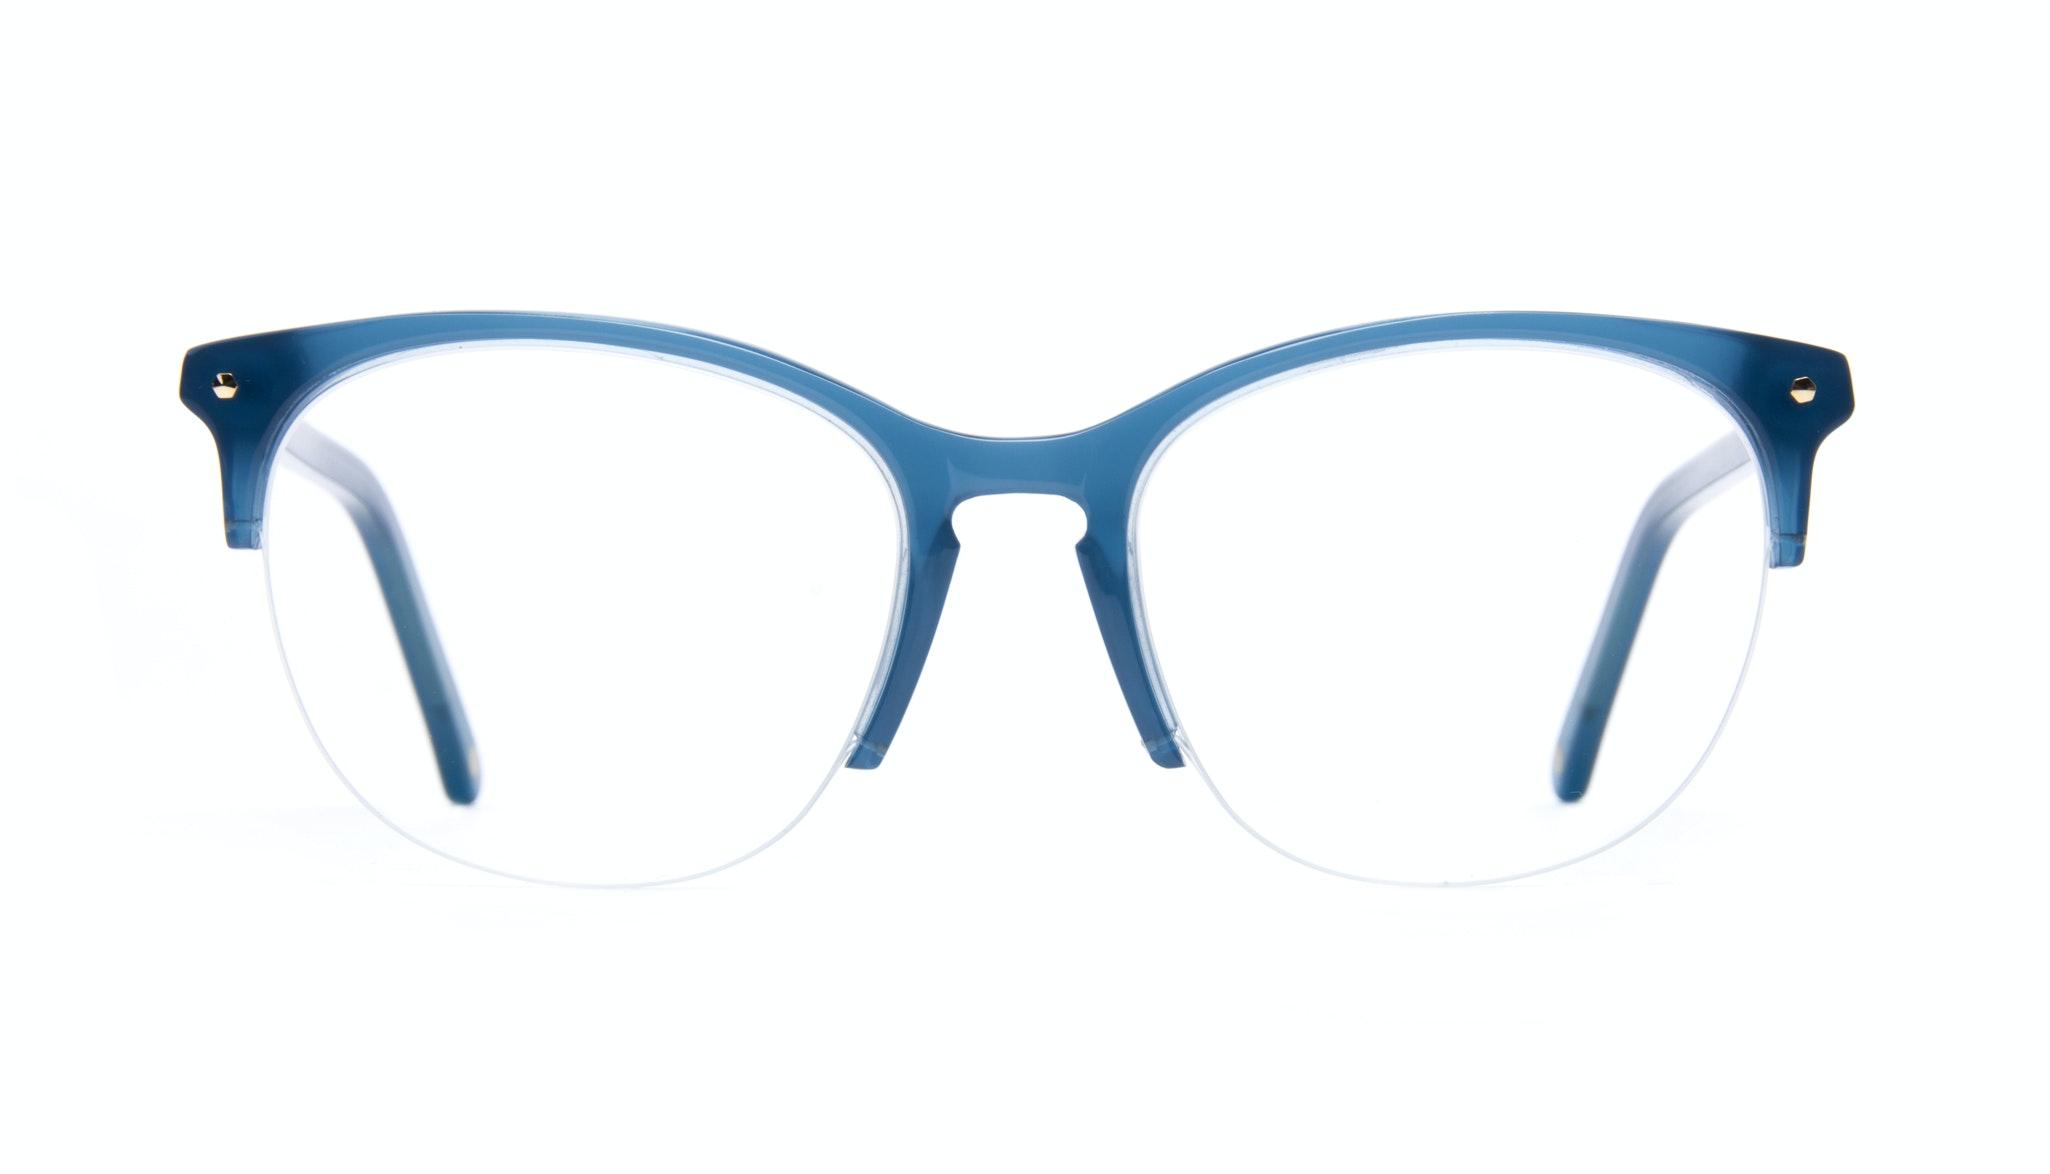 Affordable Fashion Glasses Rectangle Round Eyeglasses Women Nadine Light Marine Front